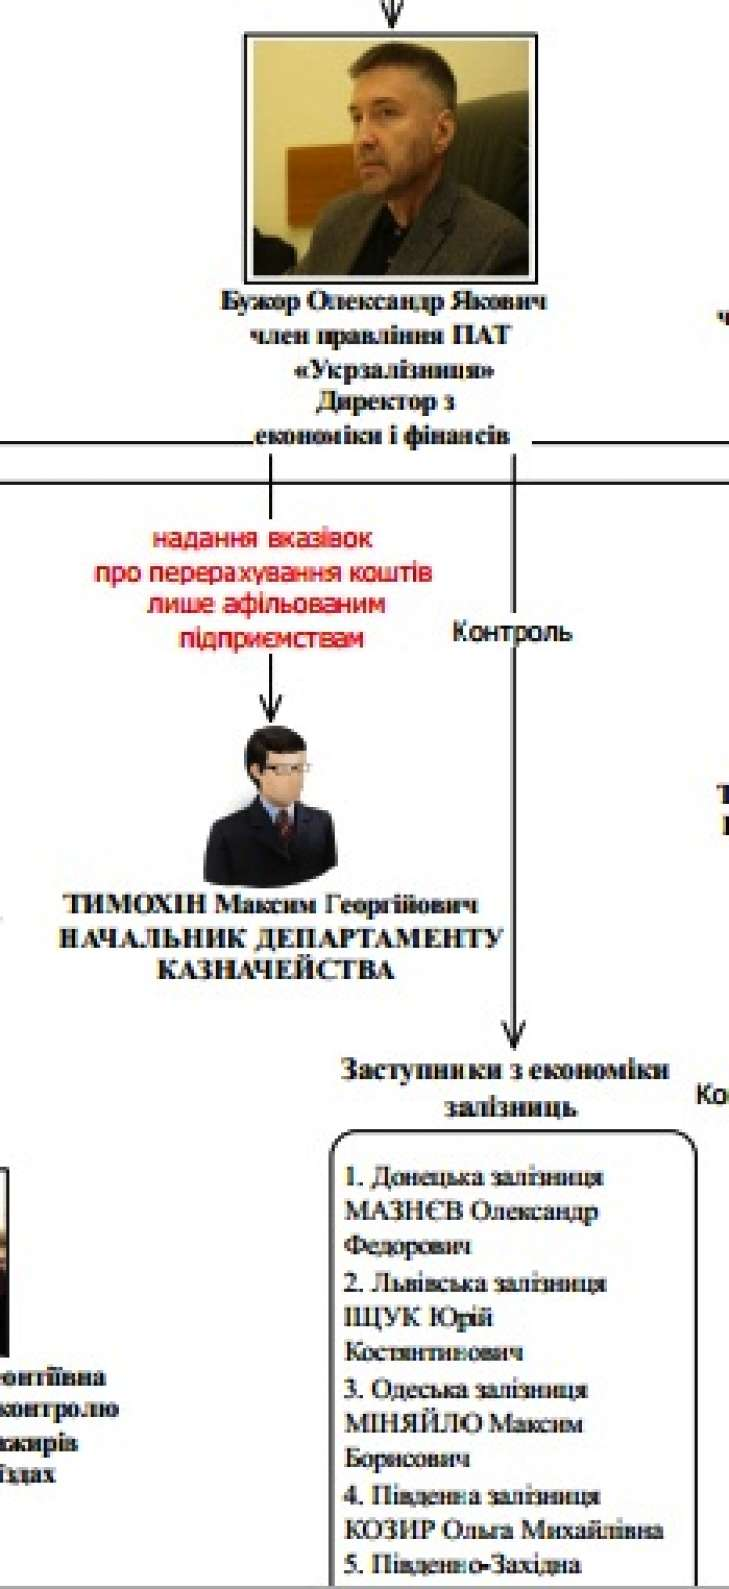 729 486 5e3a64f524079 - Максим Миняйло покорил АО «Укрзалізницю» своими схемами